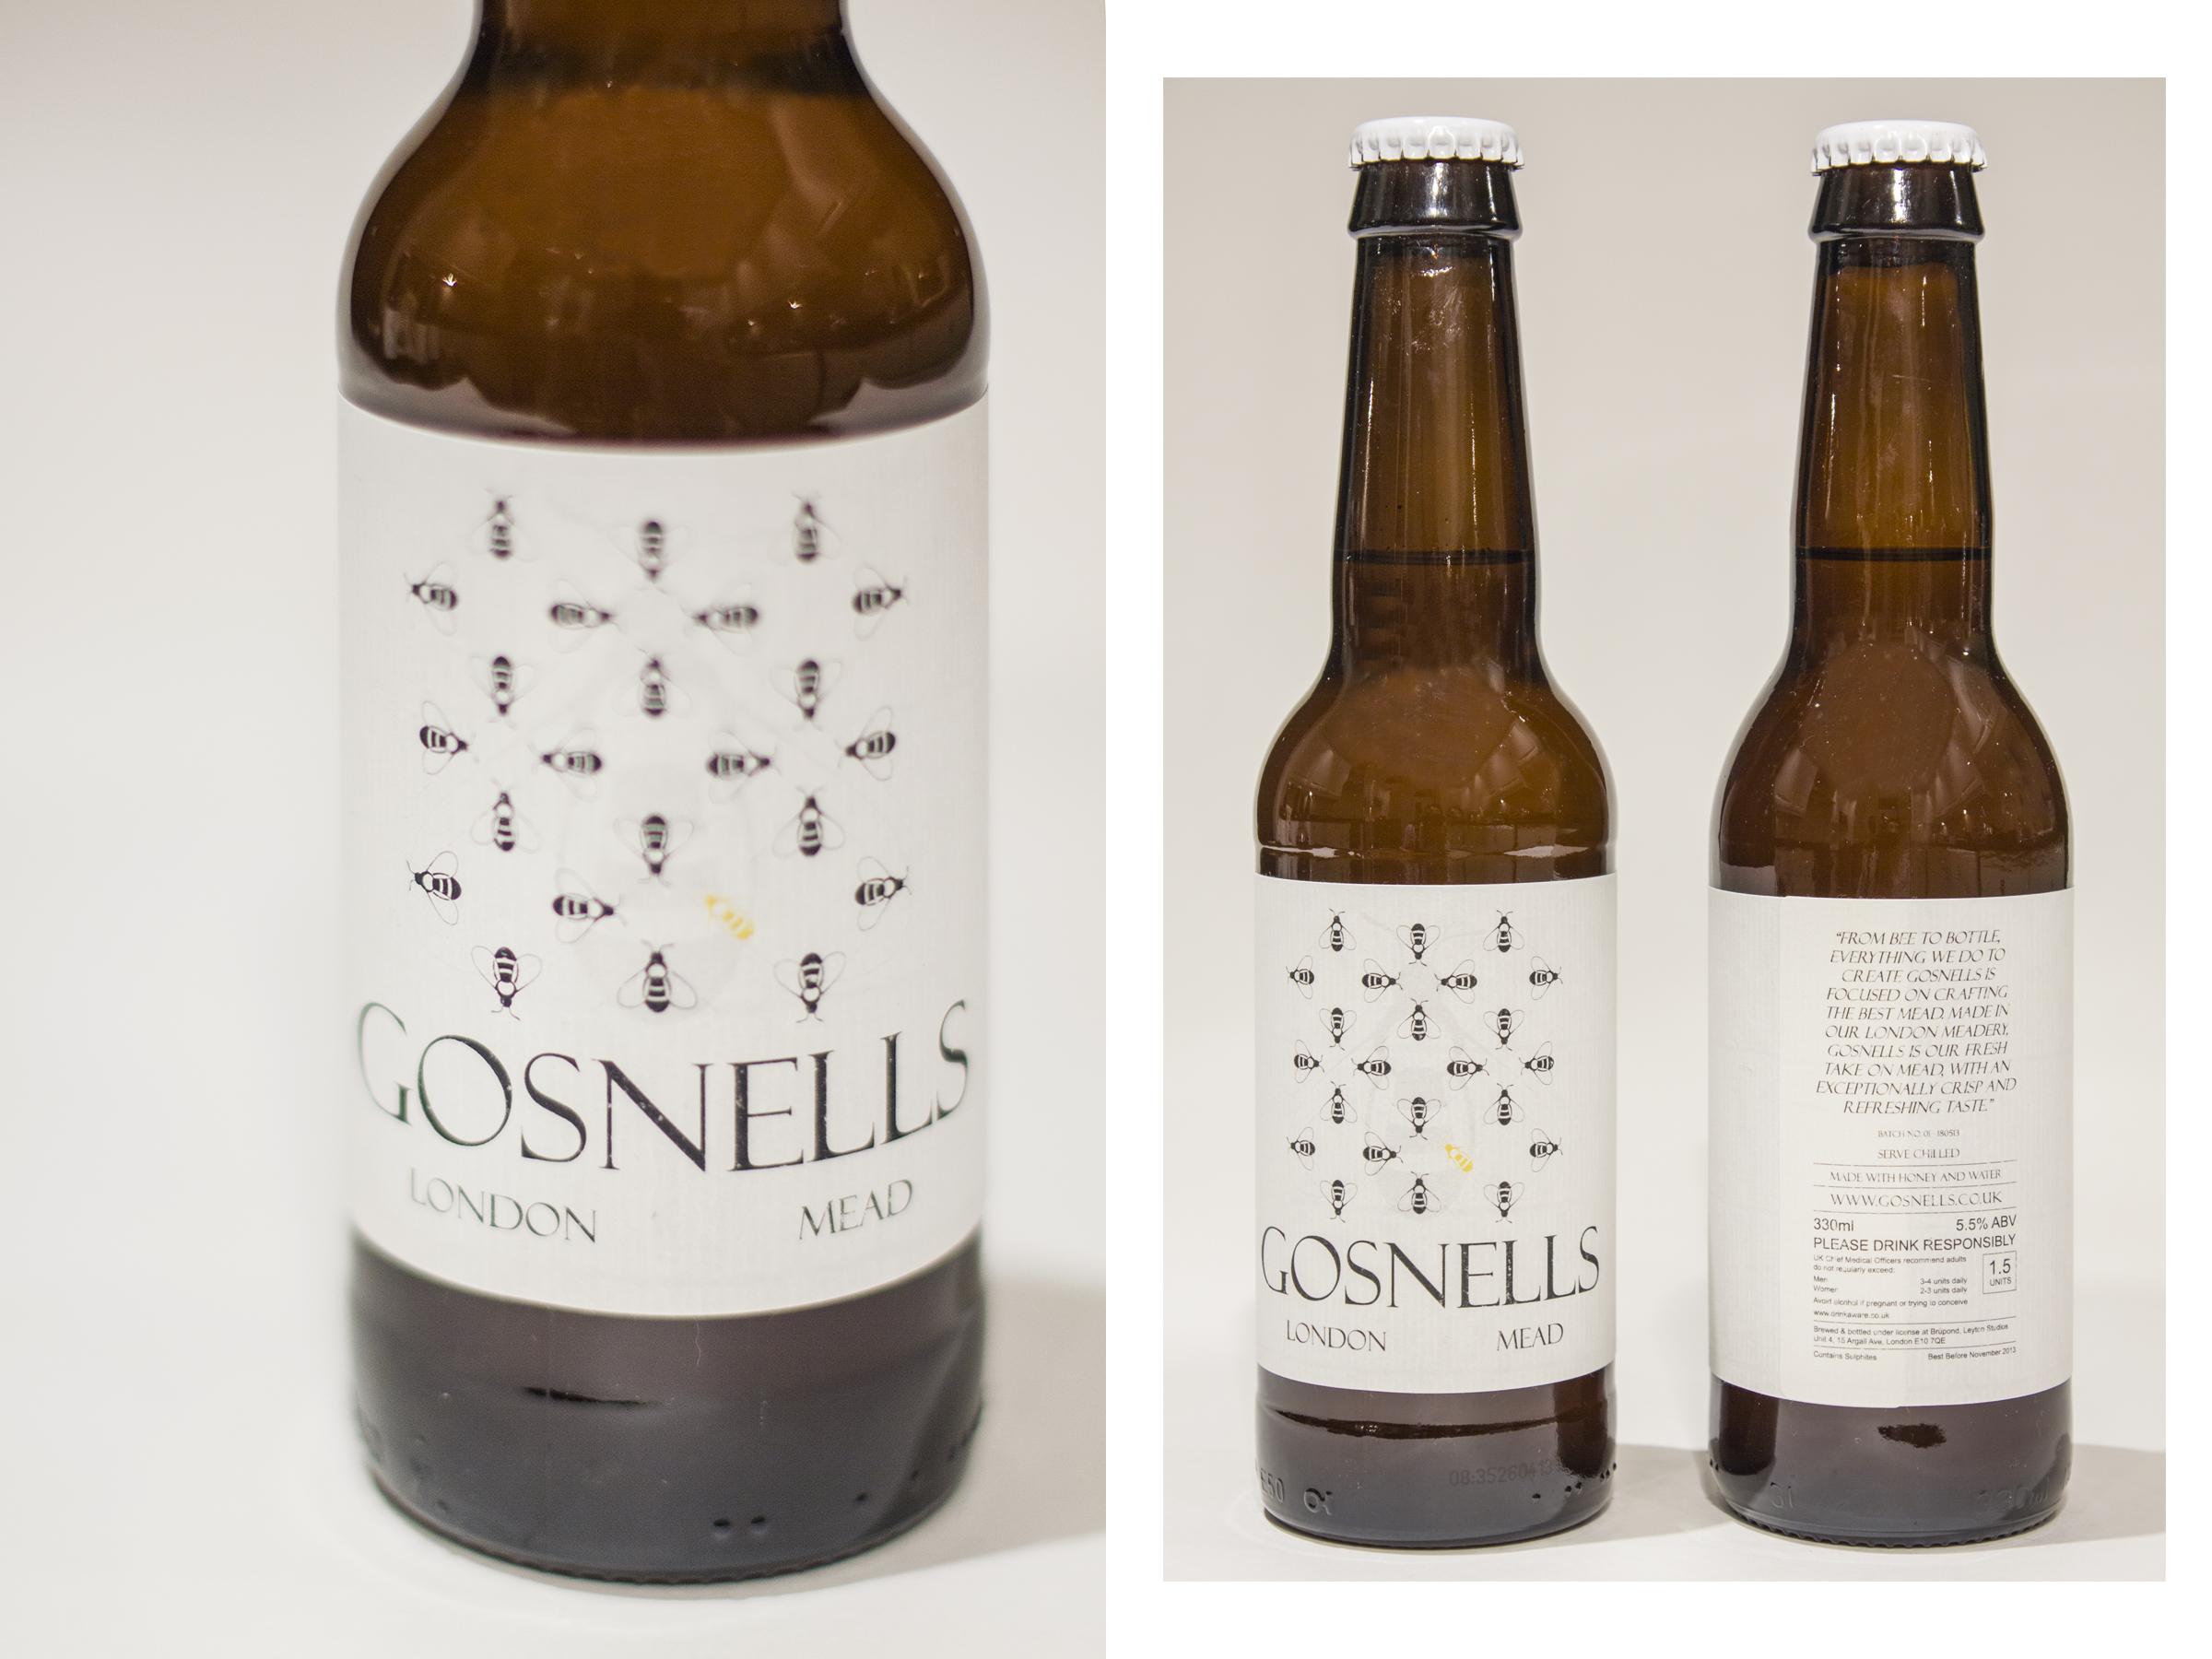 Gosnells London Mead